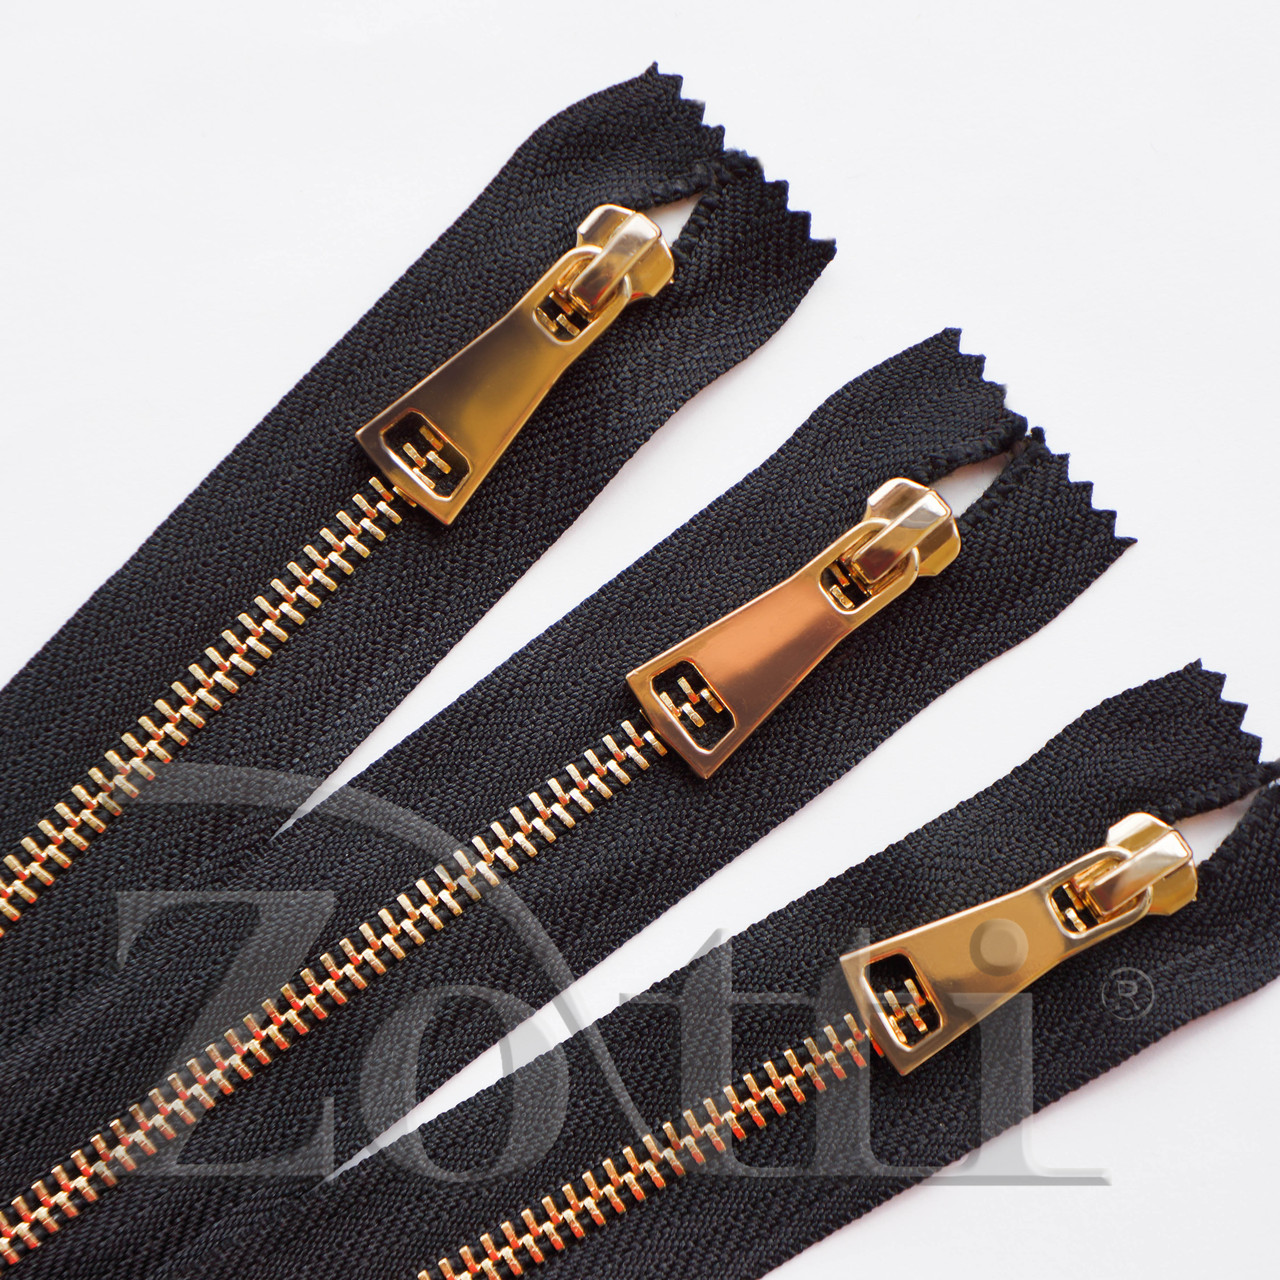 Молния (змейка,застежка) металлическая №5, размерная, обувная, черная, с золотым бегунком № 115 - 50 см